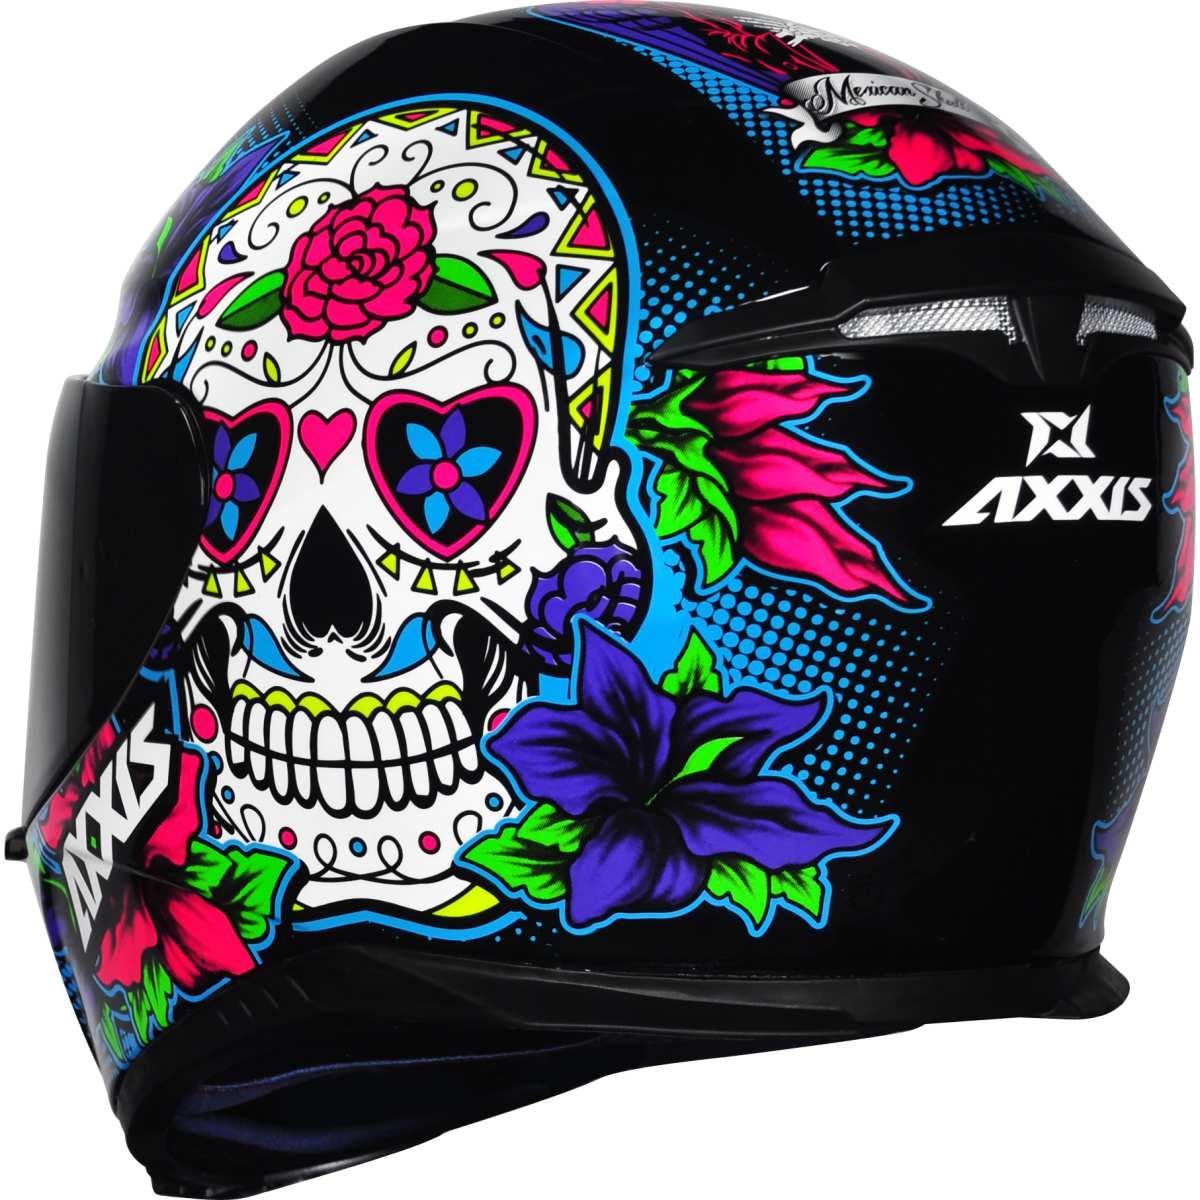 CAPACETE DE MOTO AXXIS EAGLE SKULL CAVEIRA MEXICANA AZUL BRILHANTE + BALACLAVA TOUCA NINJA